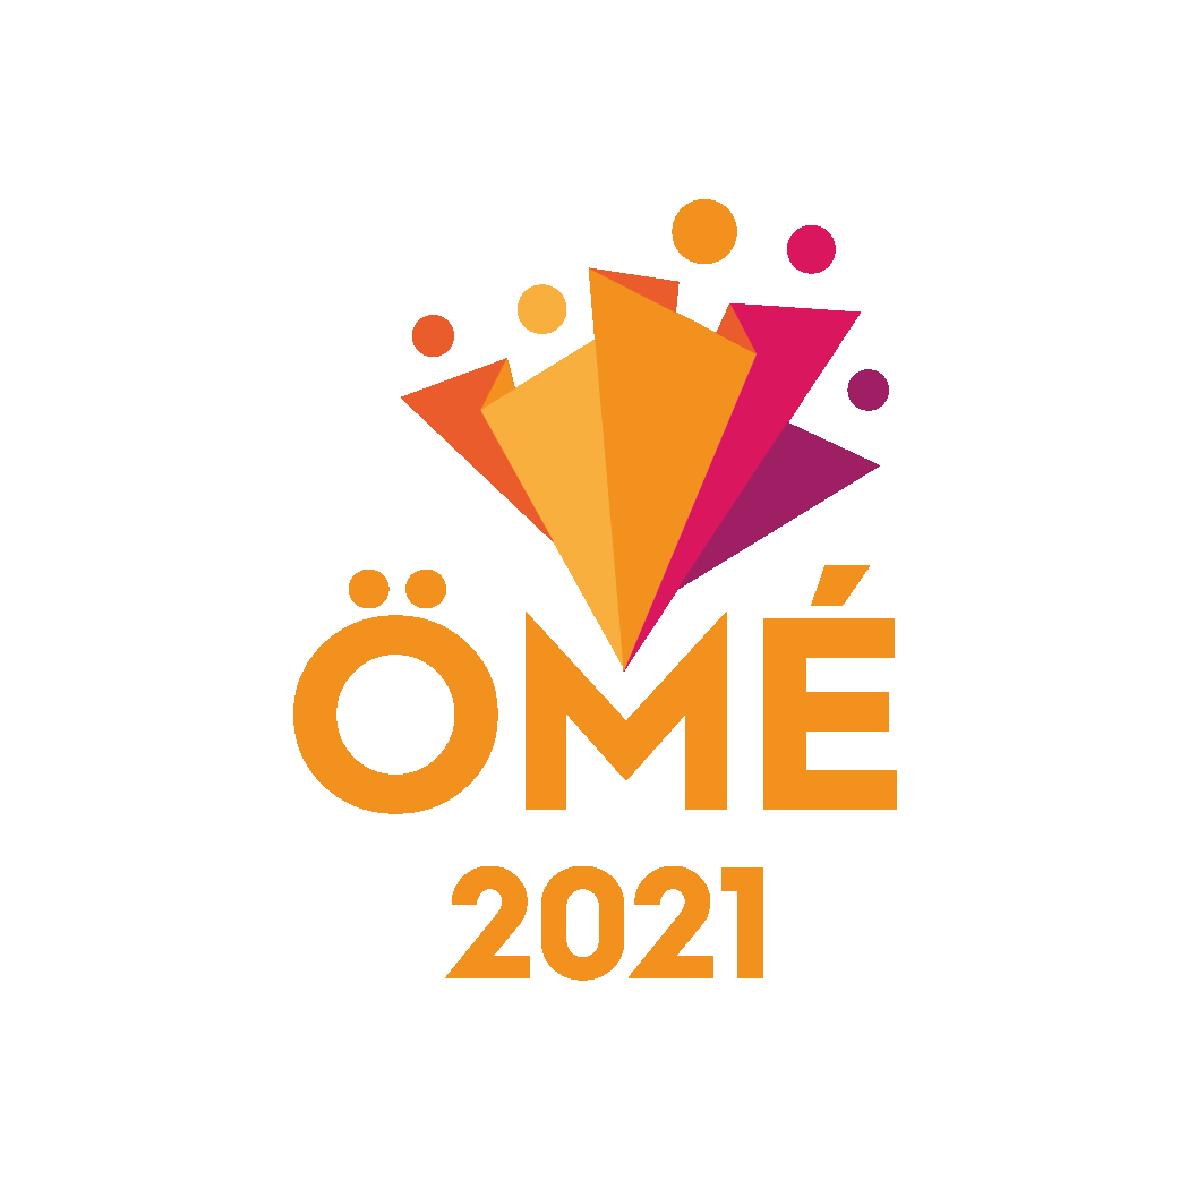 ÖMÉ 2021